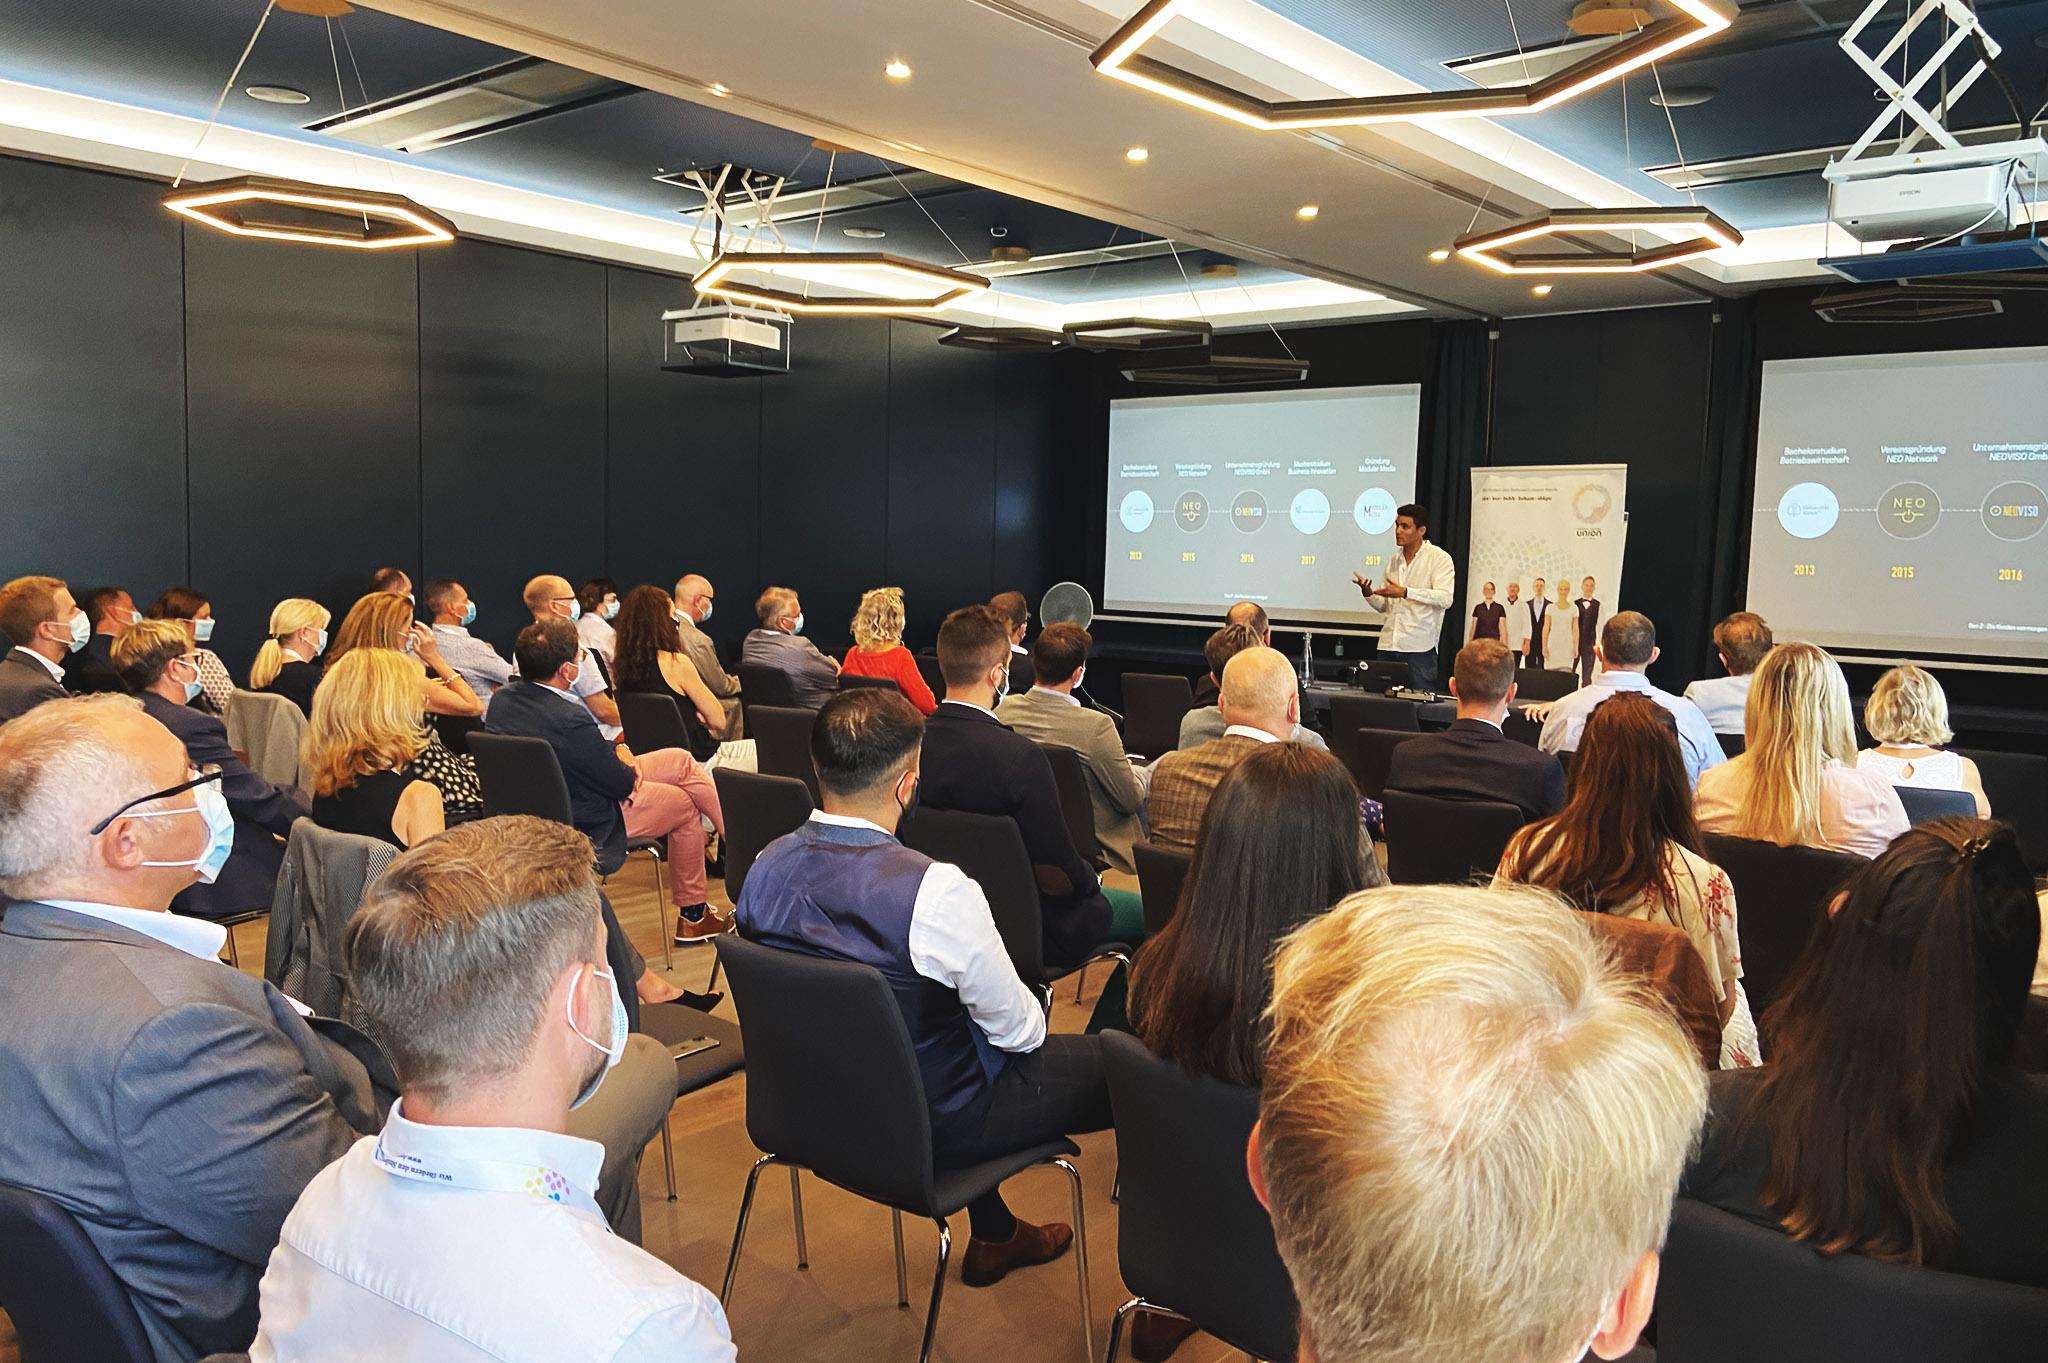 Das Publikum bei einem Talk von Yannick